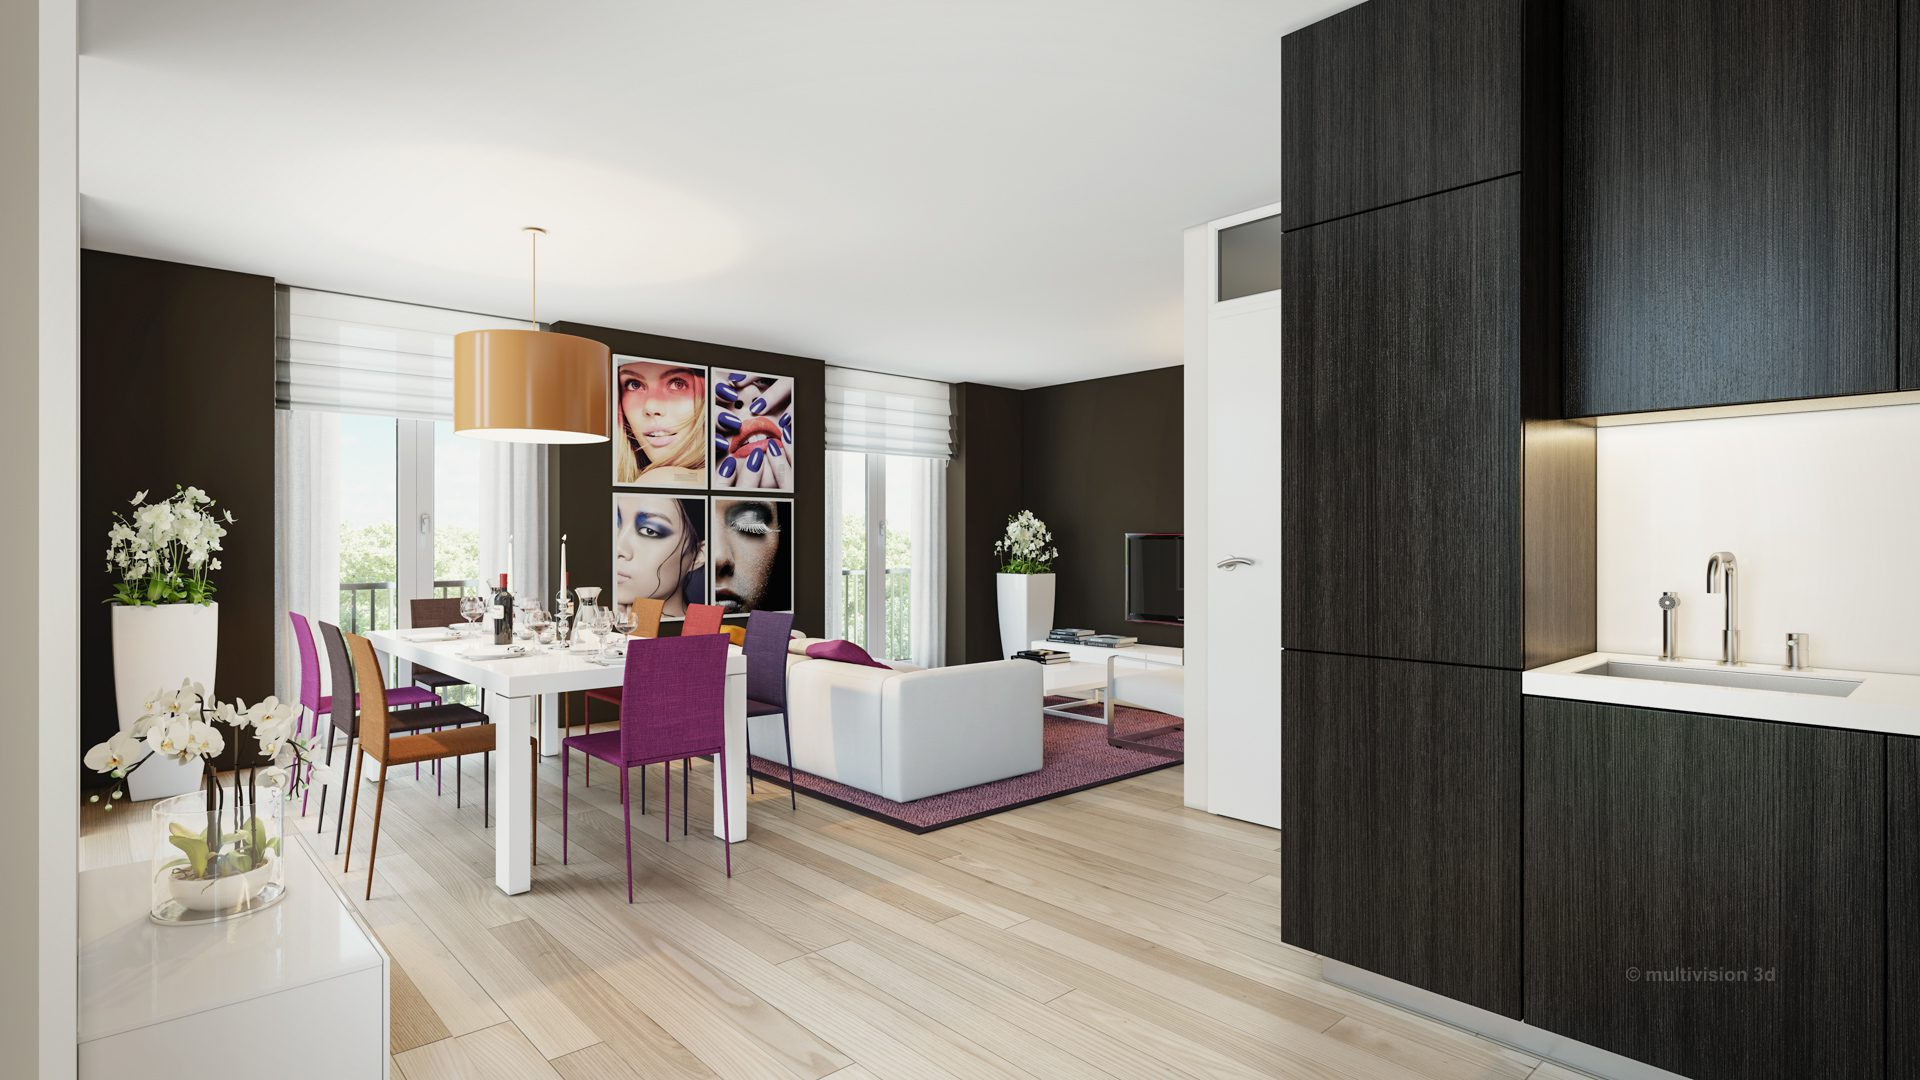 interieur impressie la cour bleue 8 multivision 3d visualisatie. Black Bedroom Furniture Sets. Home Design Ideas